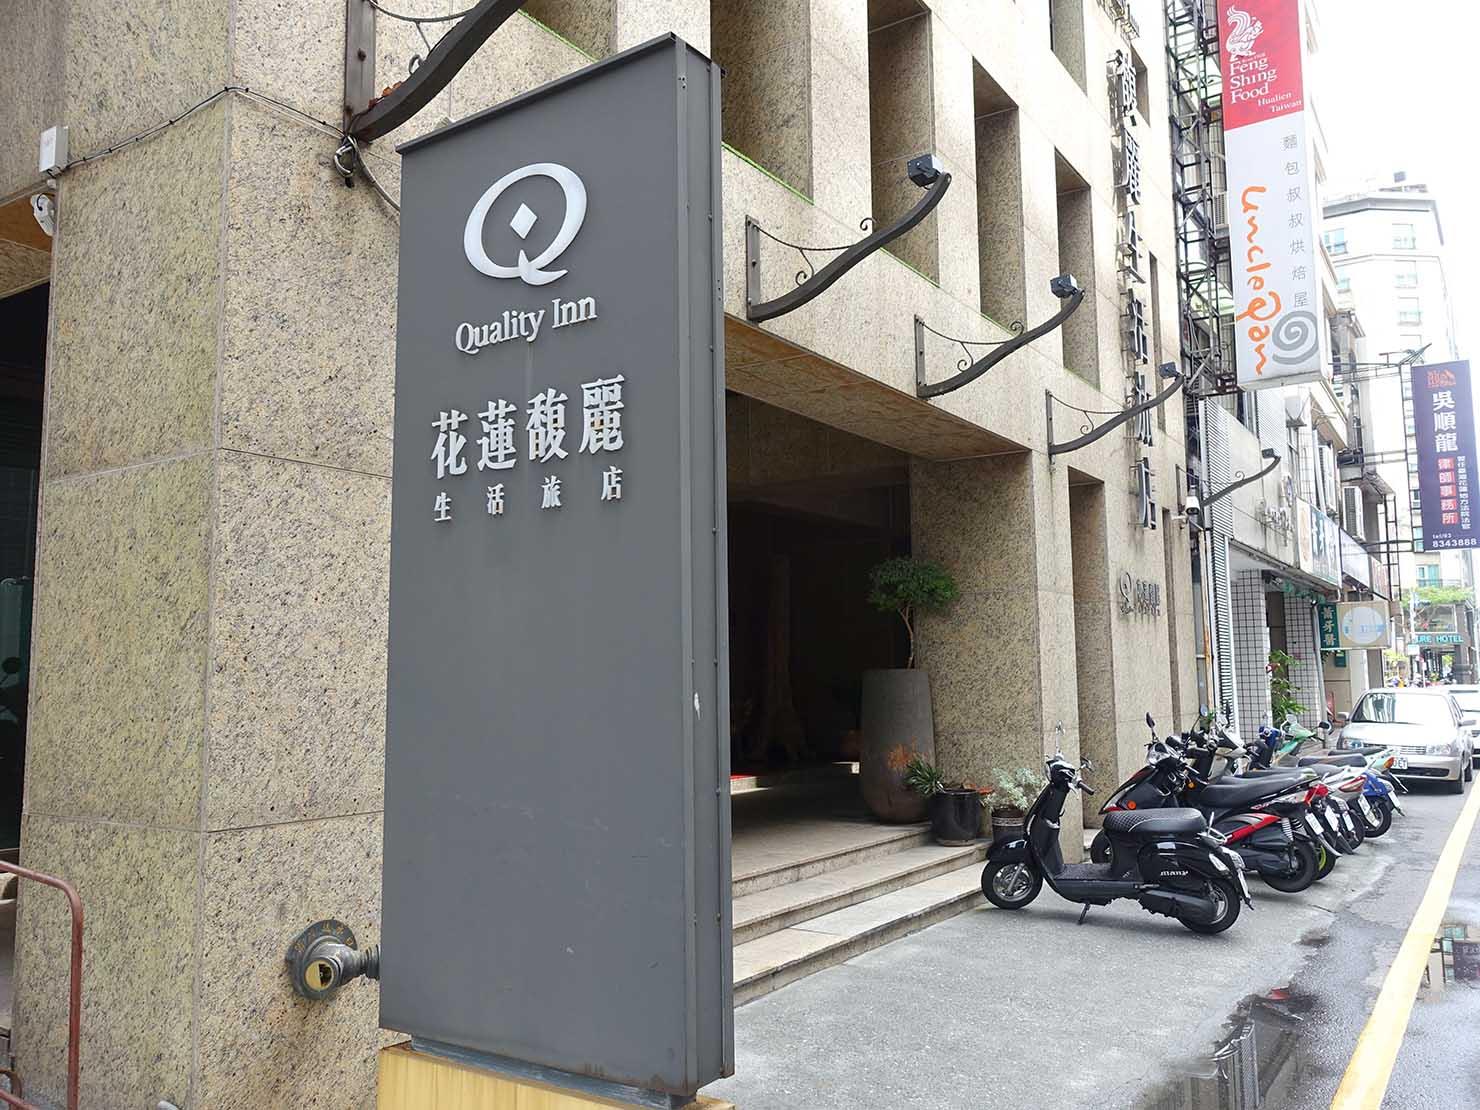 花蓮市街中心部にあるホテル「馥麗生活旅店 Quality Inn」の看板